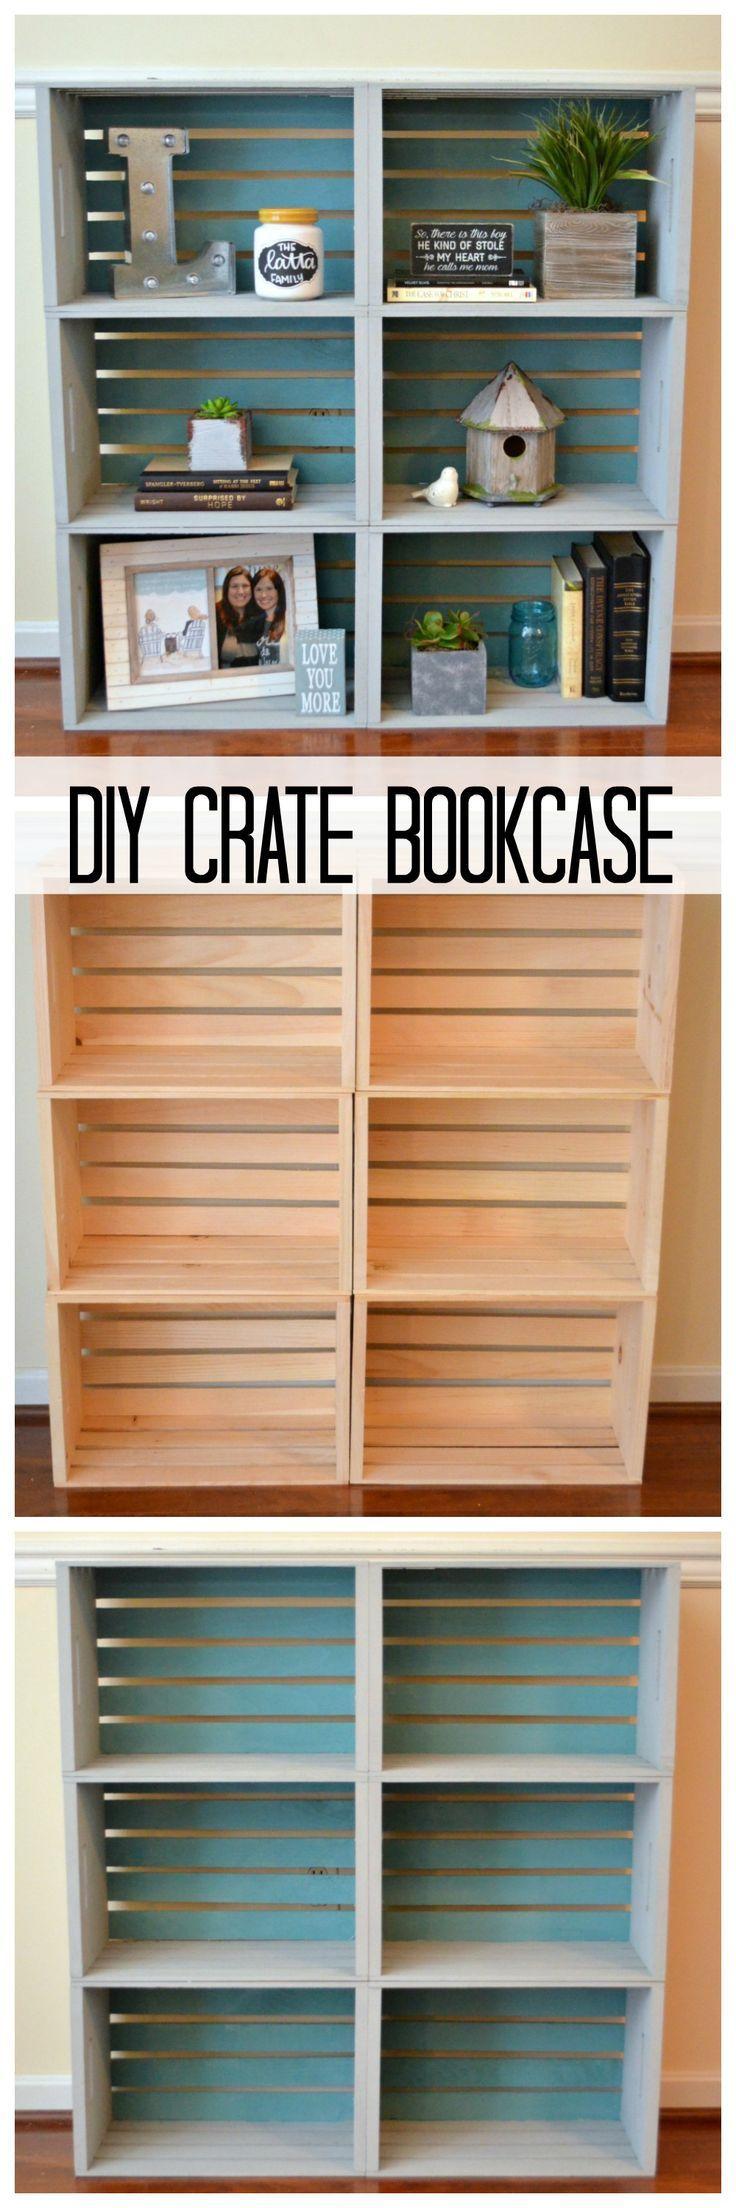 DIY Crate Bookcase Crate bookcase